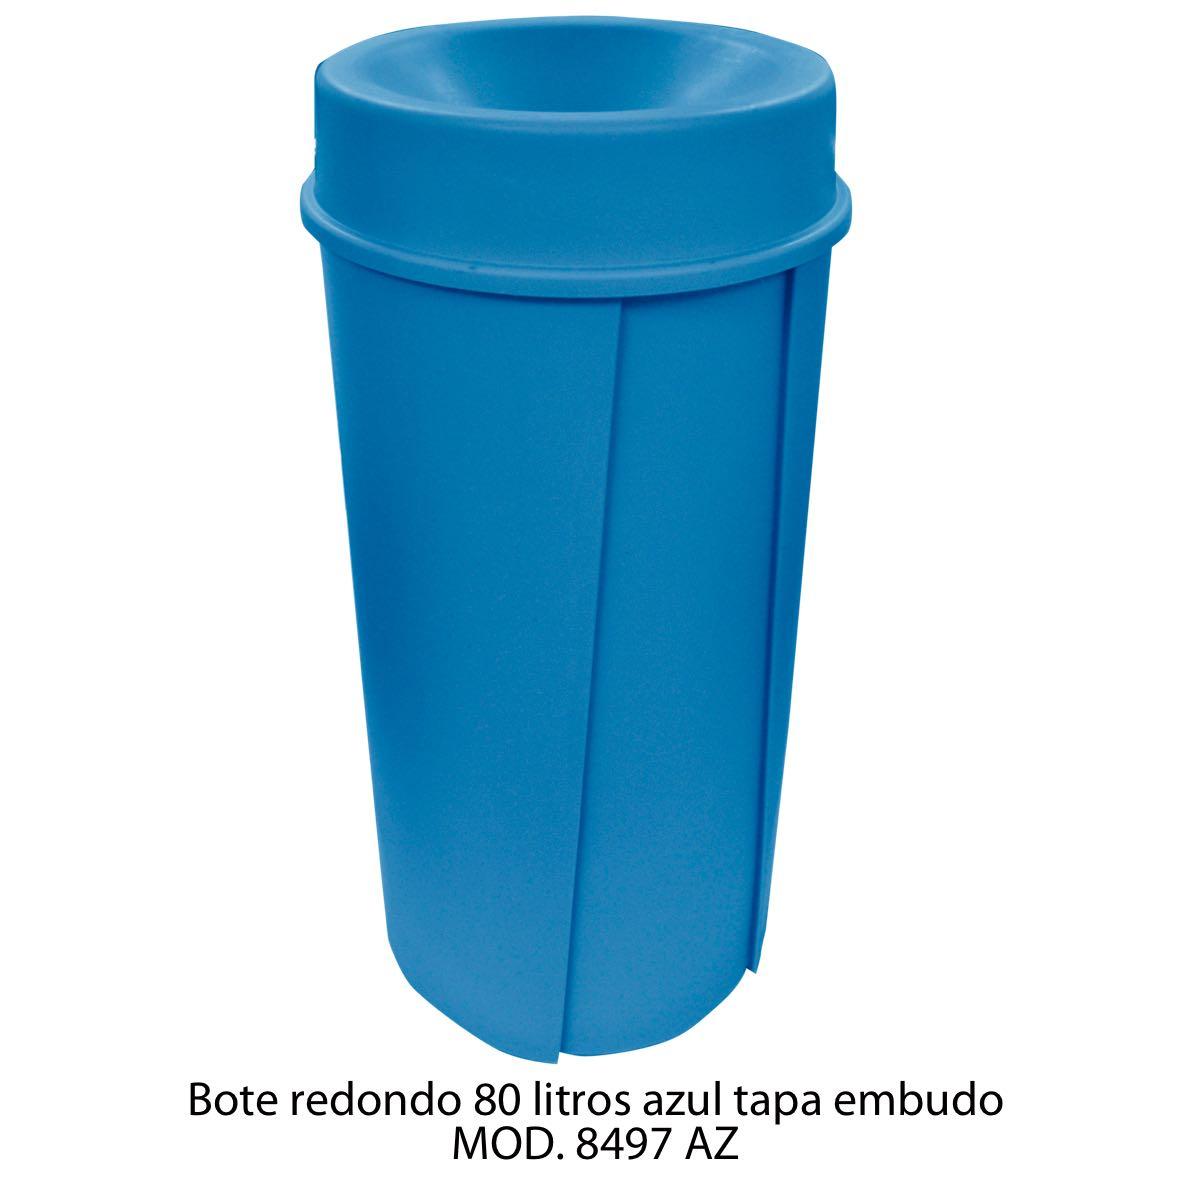 Bote de basura redondo de 80 litros con tapa embudo color azul modelo 8497 AZ Sablón